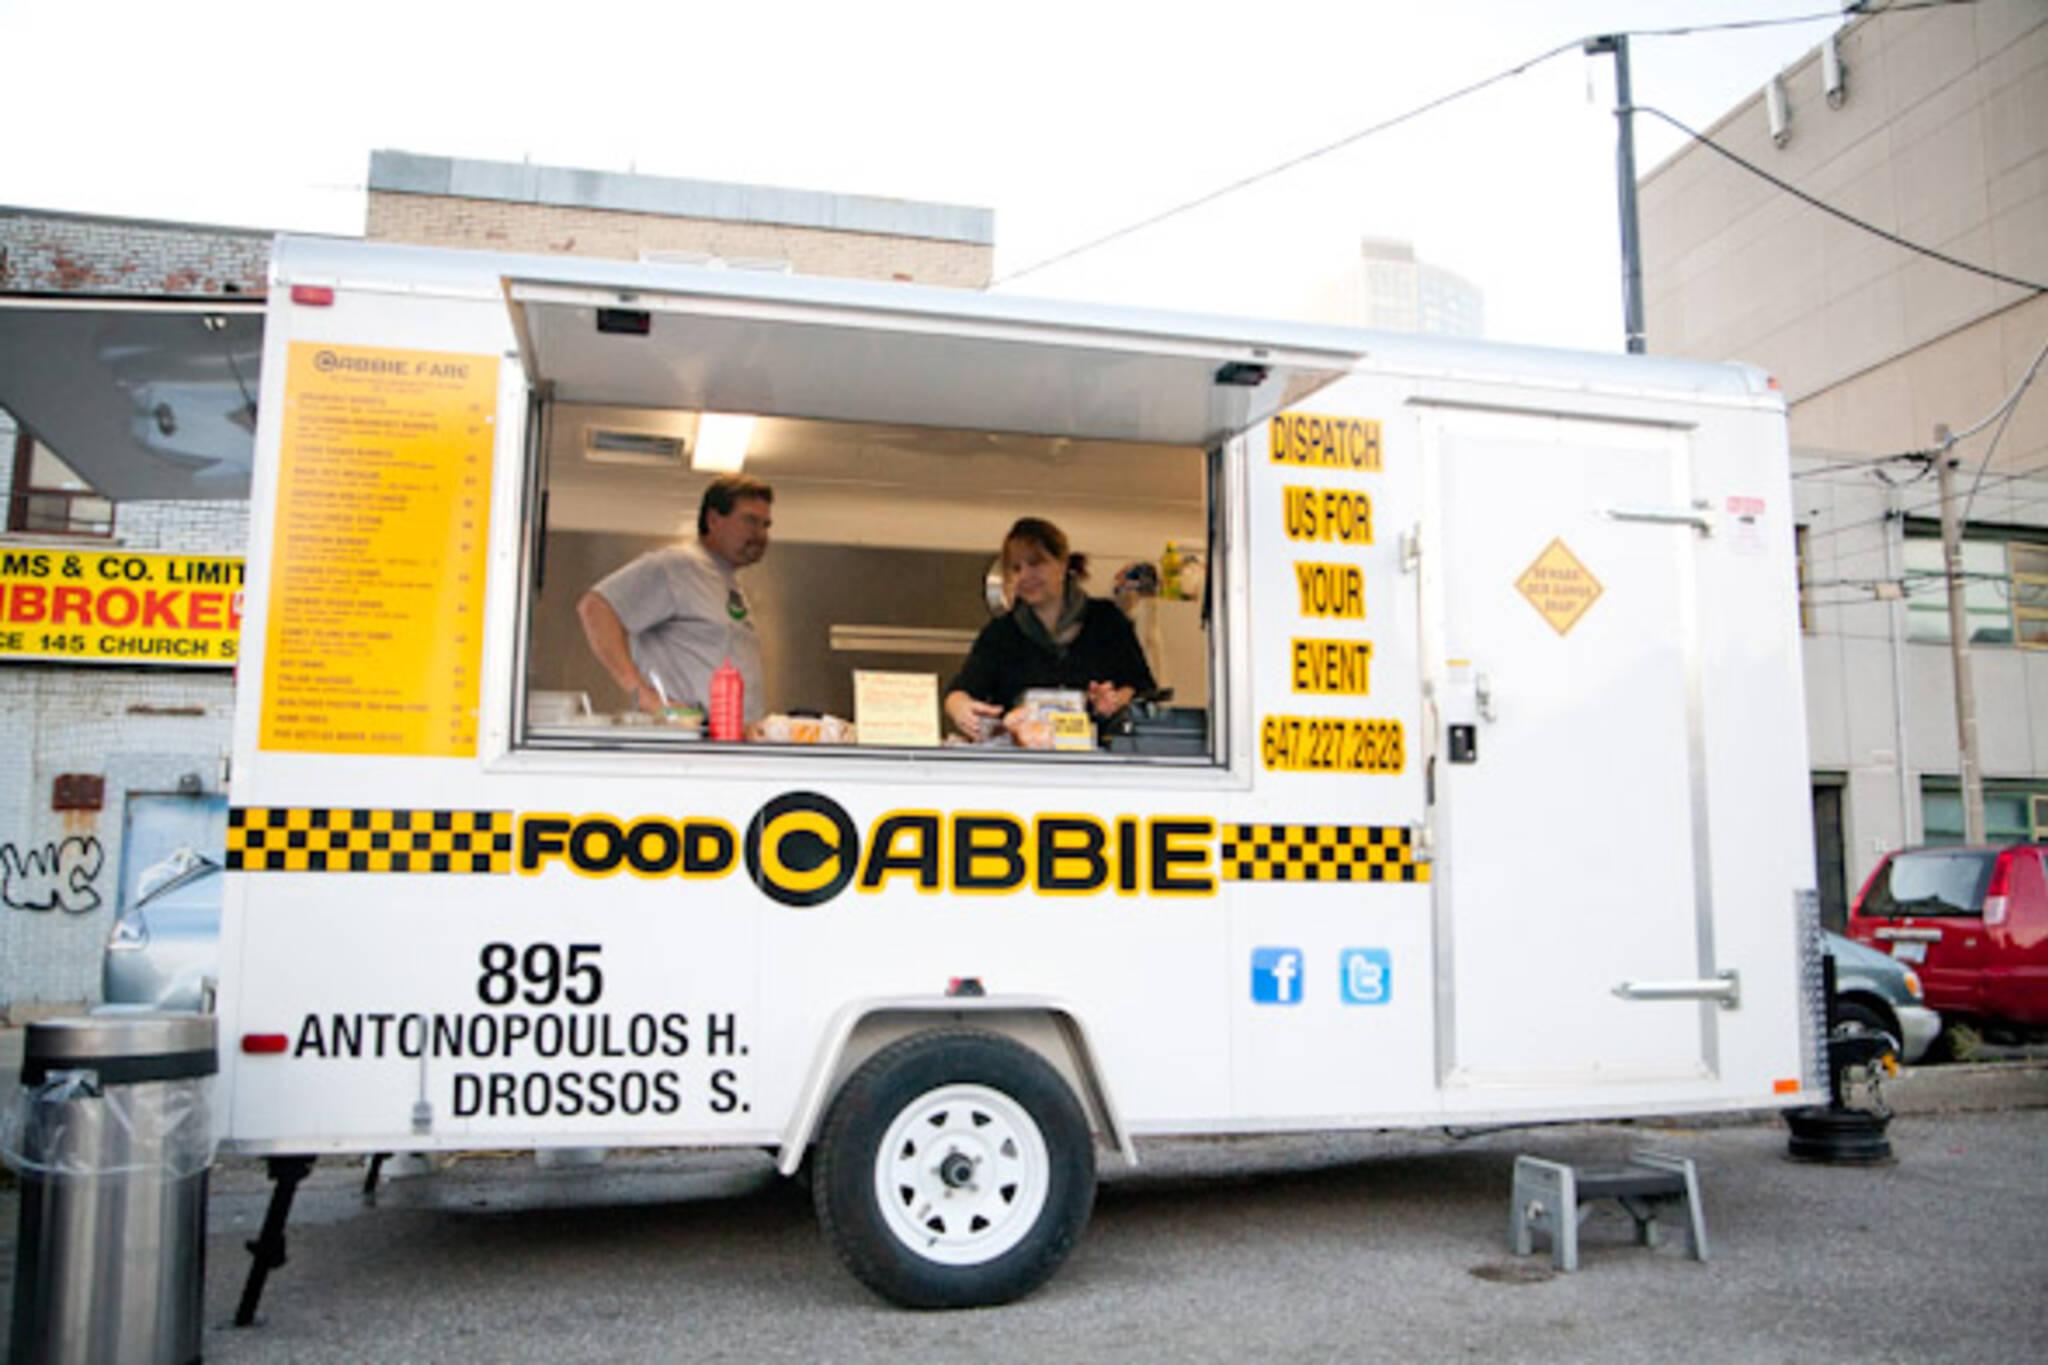 Food Cabbie